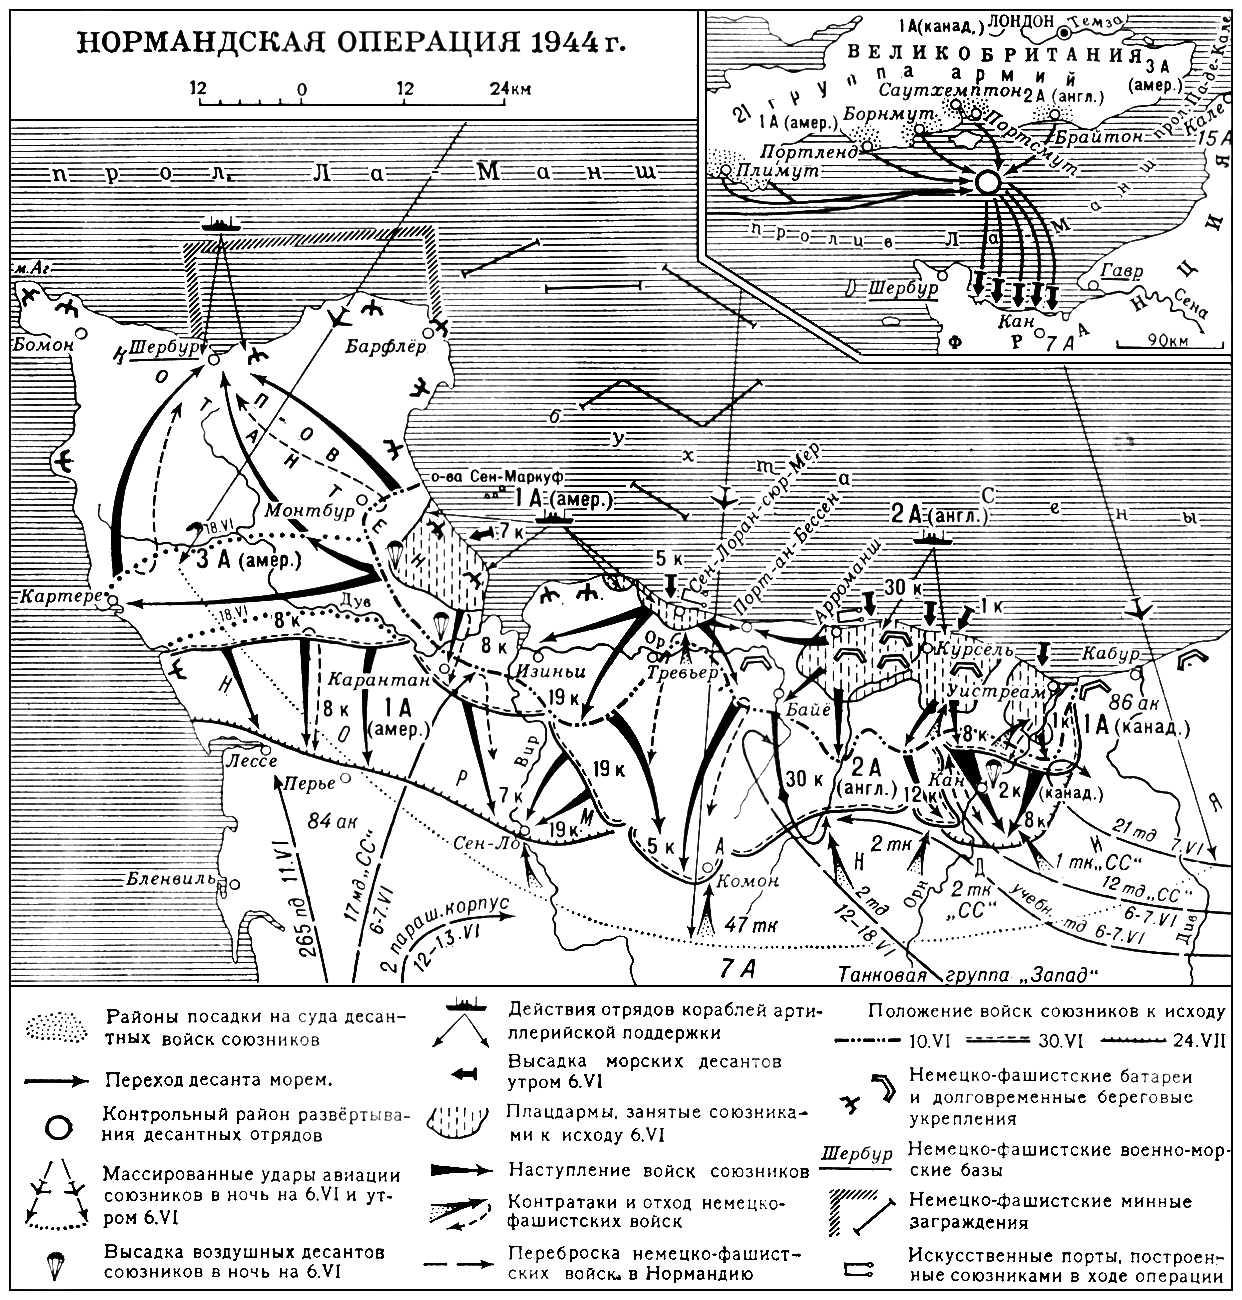 Нормандская десантная операция 1944 года. Нормандская десантная операция 1944.